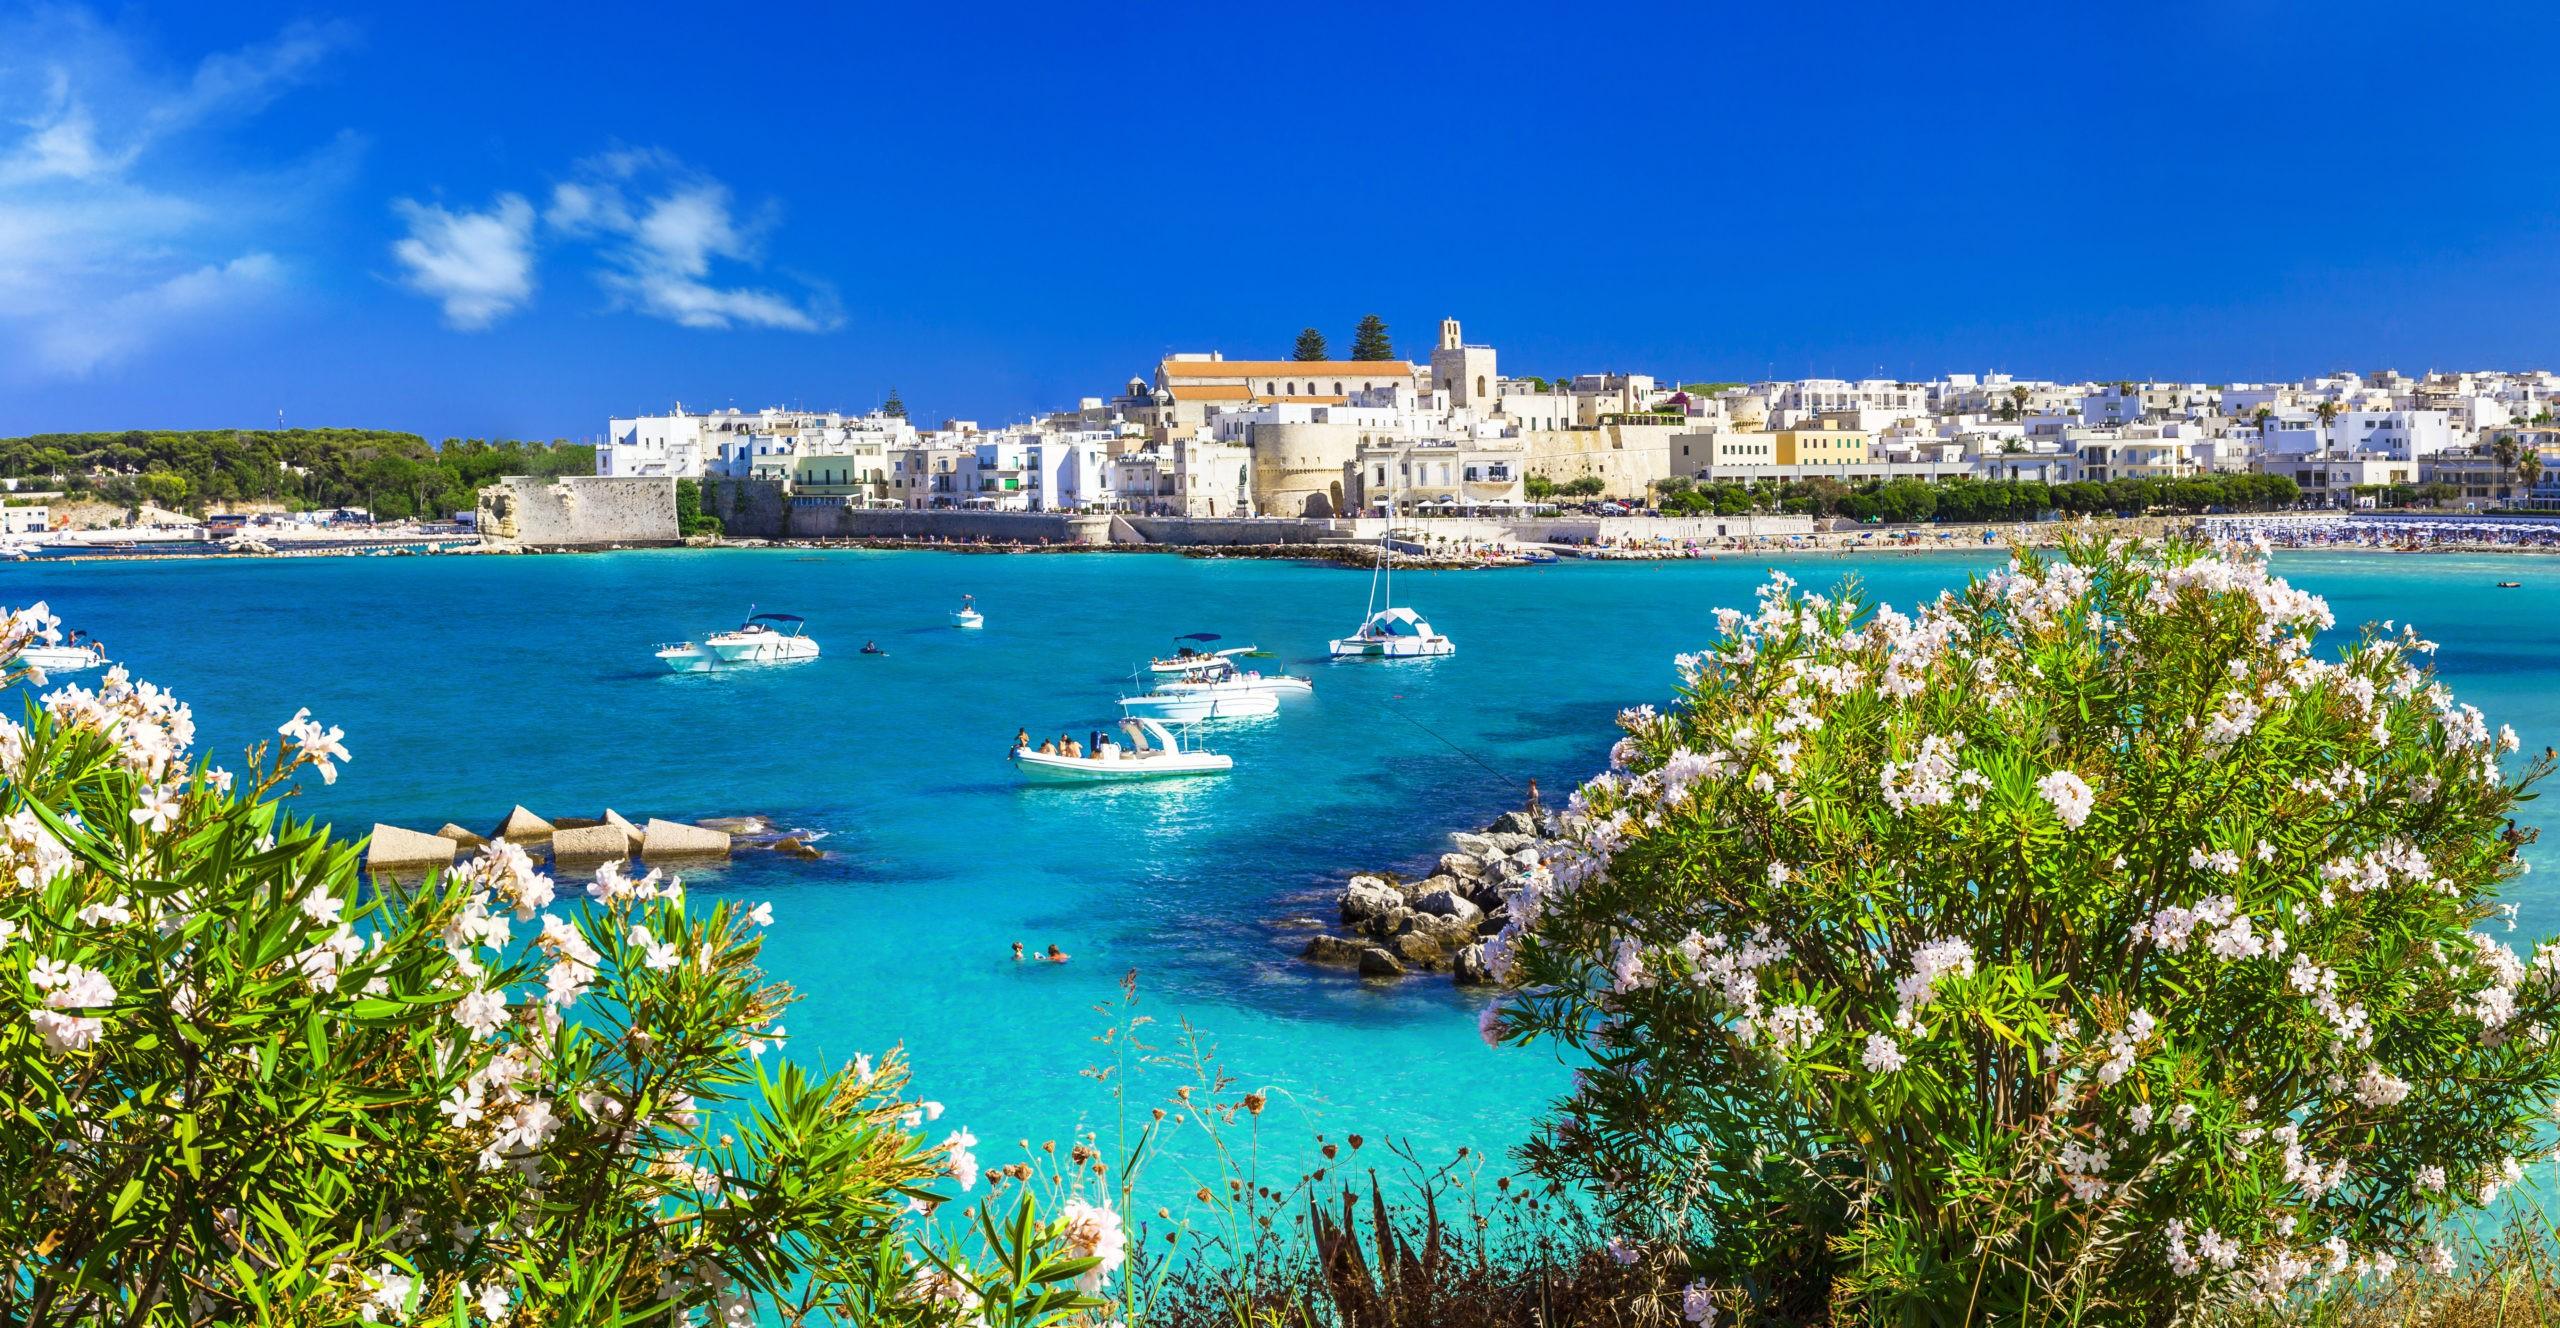 Otranto – co zwiedzić, atrakcje, jak dojechać, noclegi, plaże